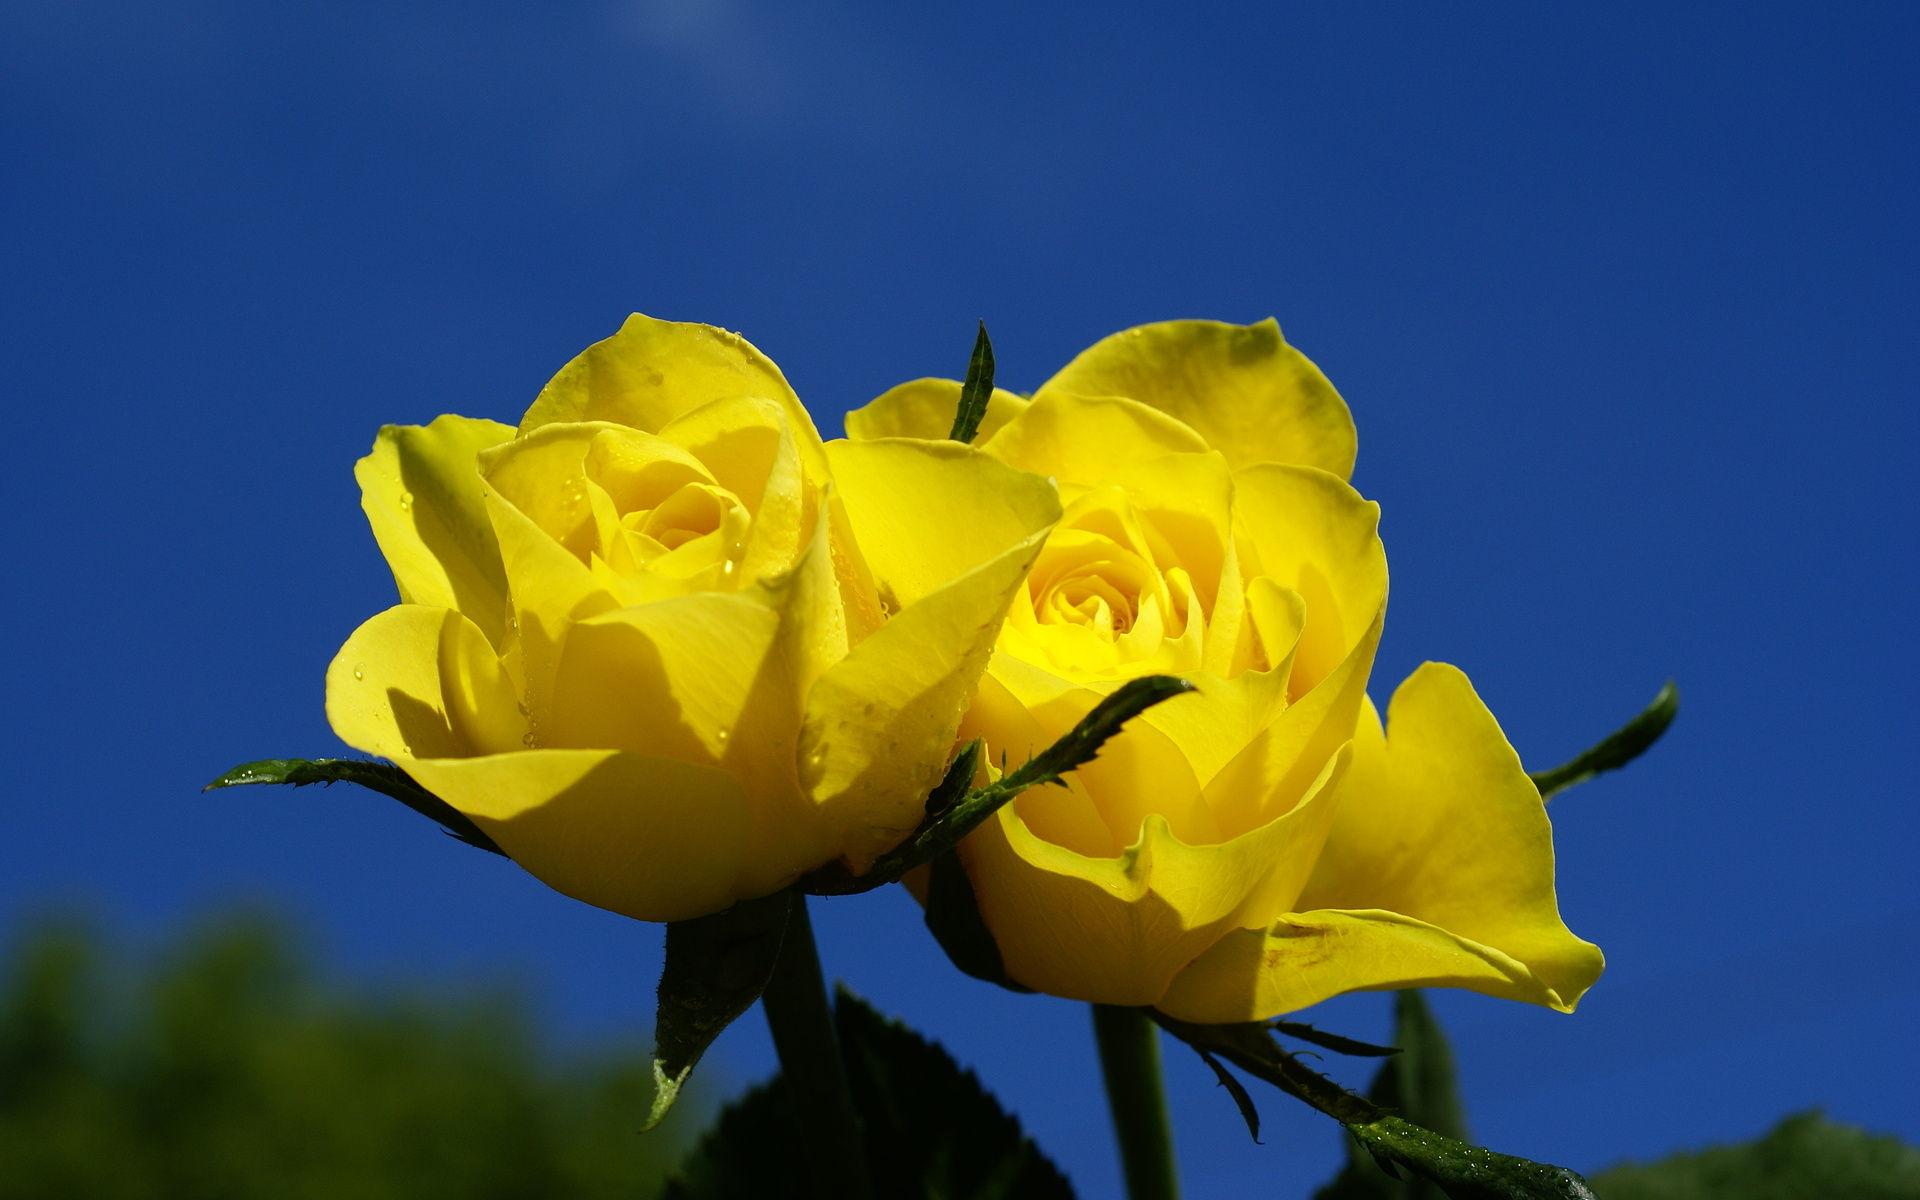 بالصور صور عن الورد , الجمال الطبيعى فى صور الورود 285 3